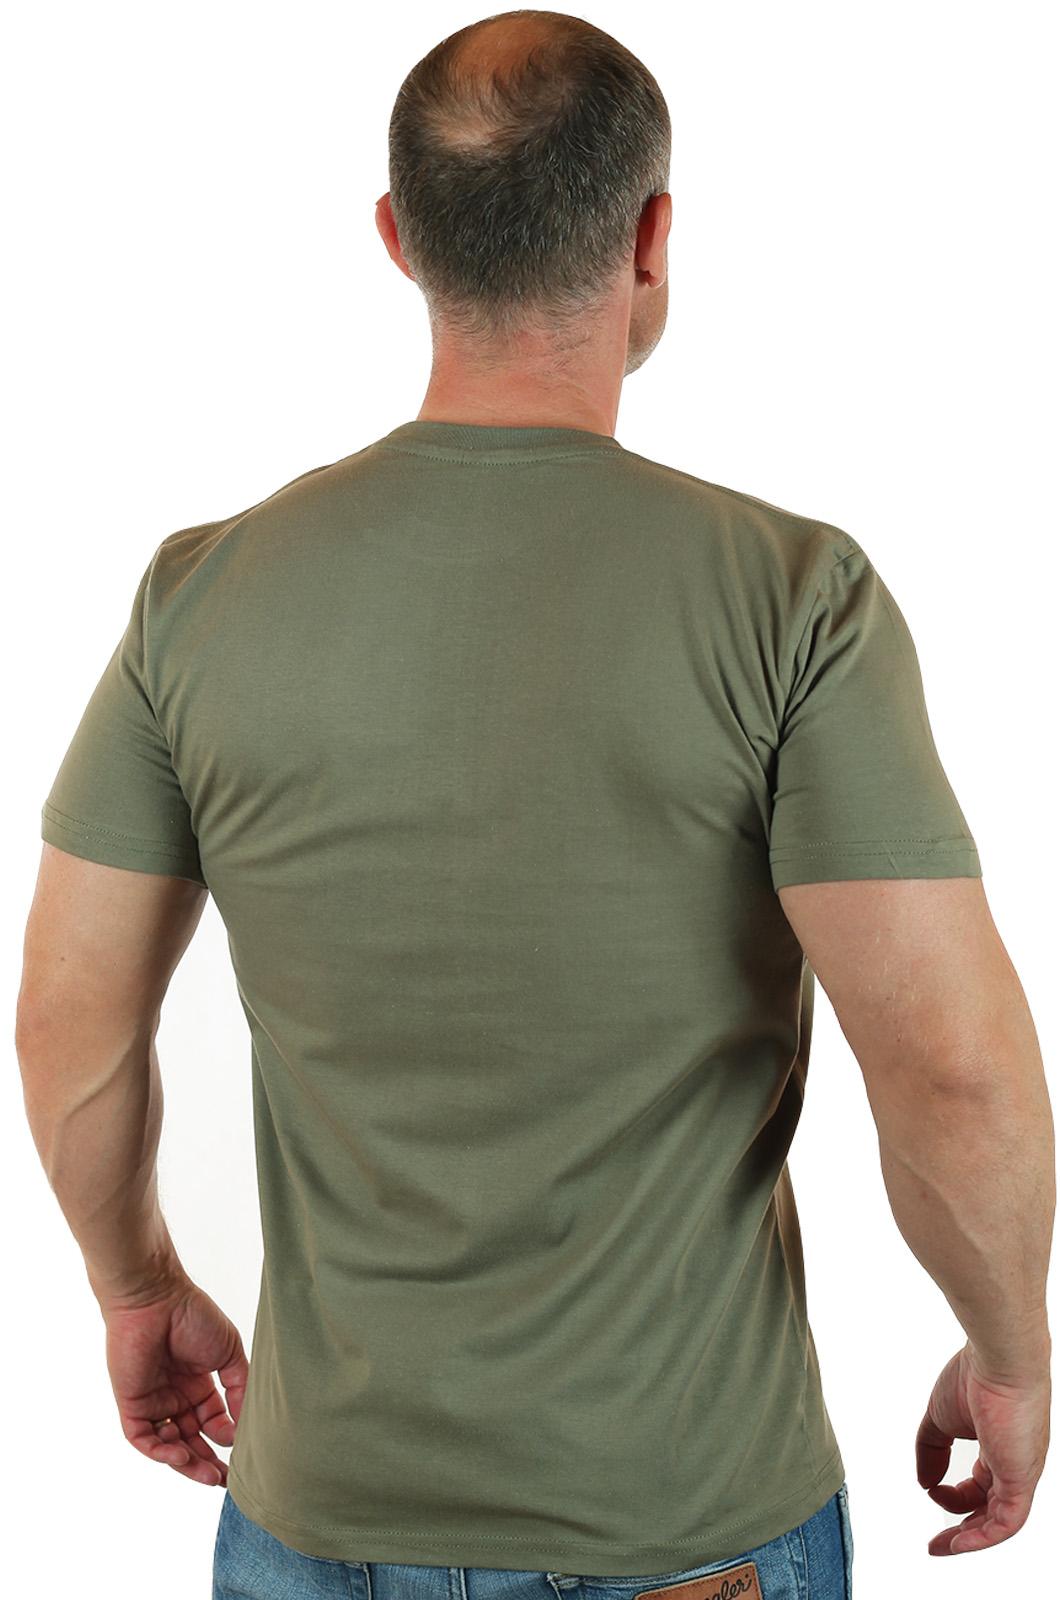 Крутая футболка для мужчины-танкиста.